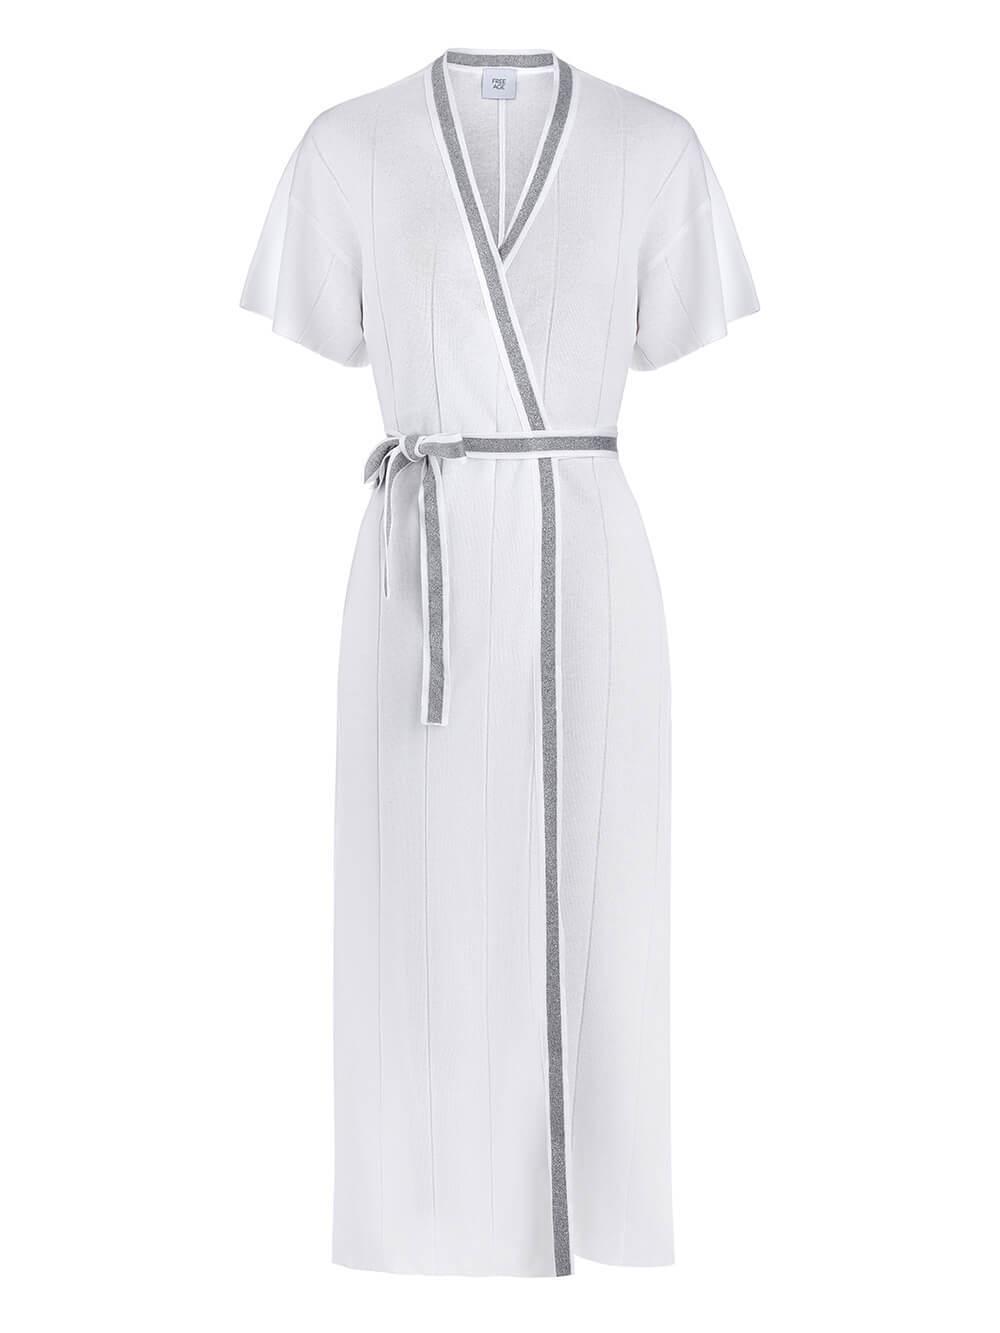 Женское платье-кимоно с поясом молочного цвета из вискозы - фото 1